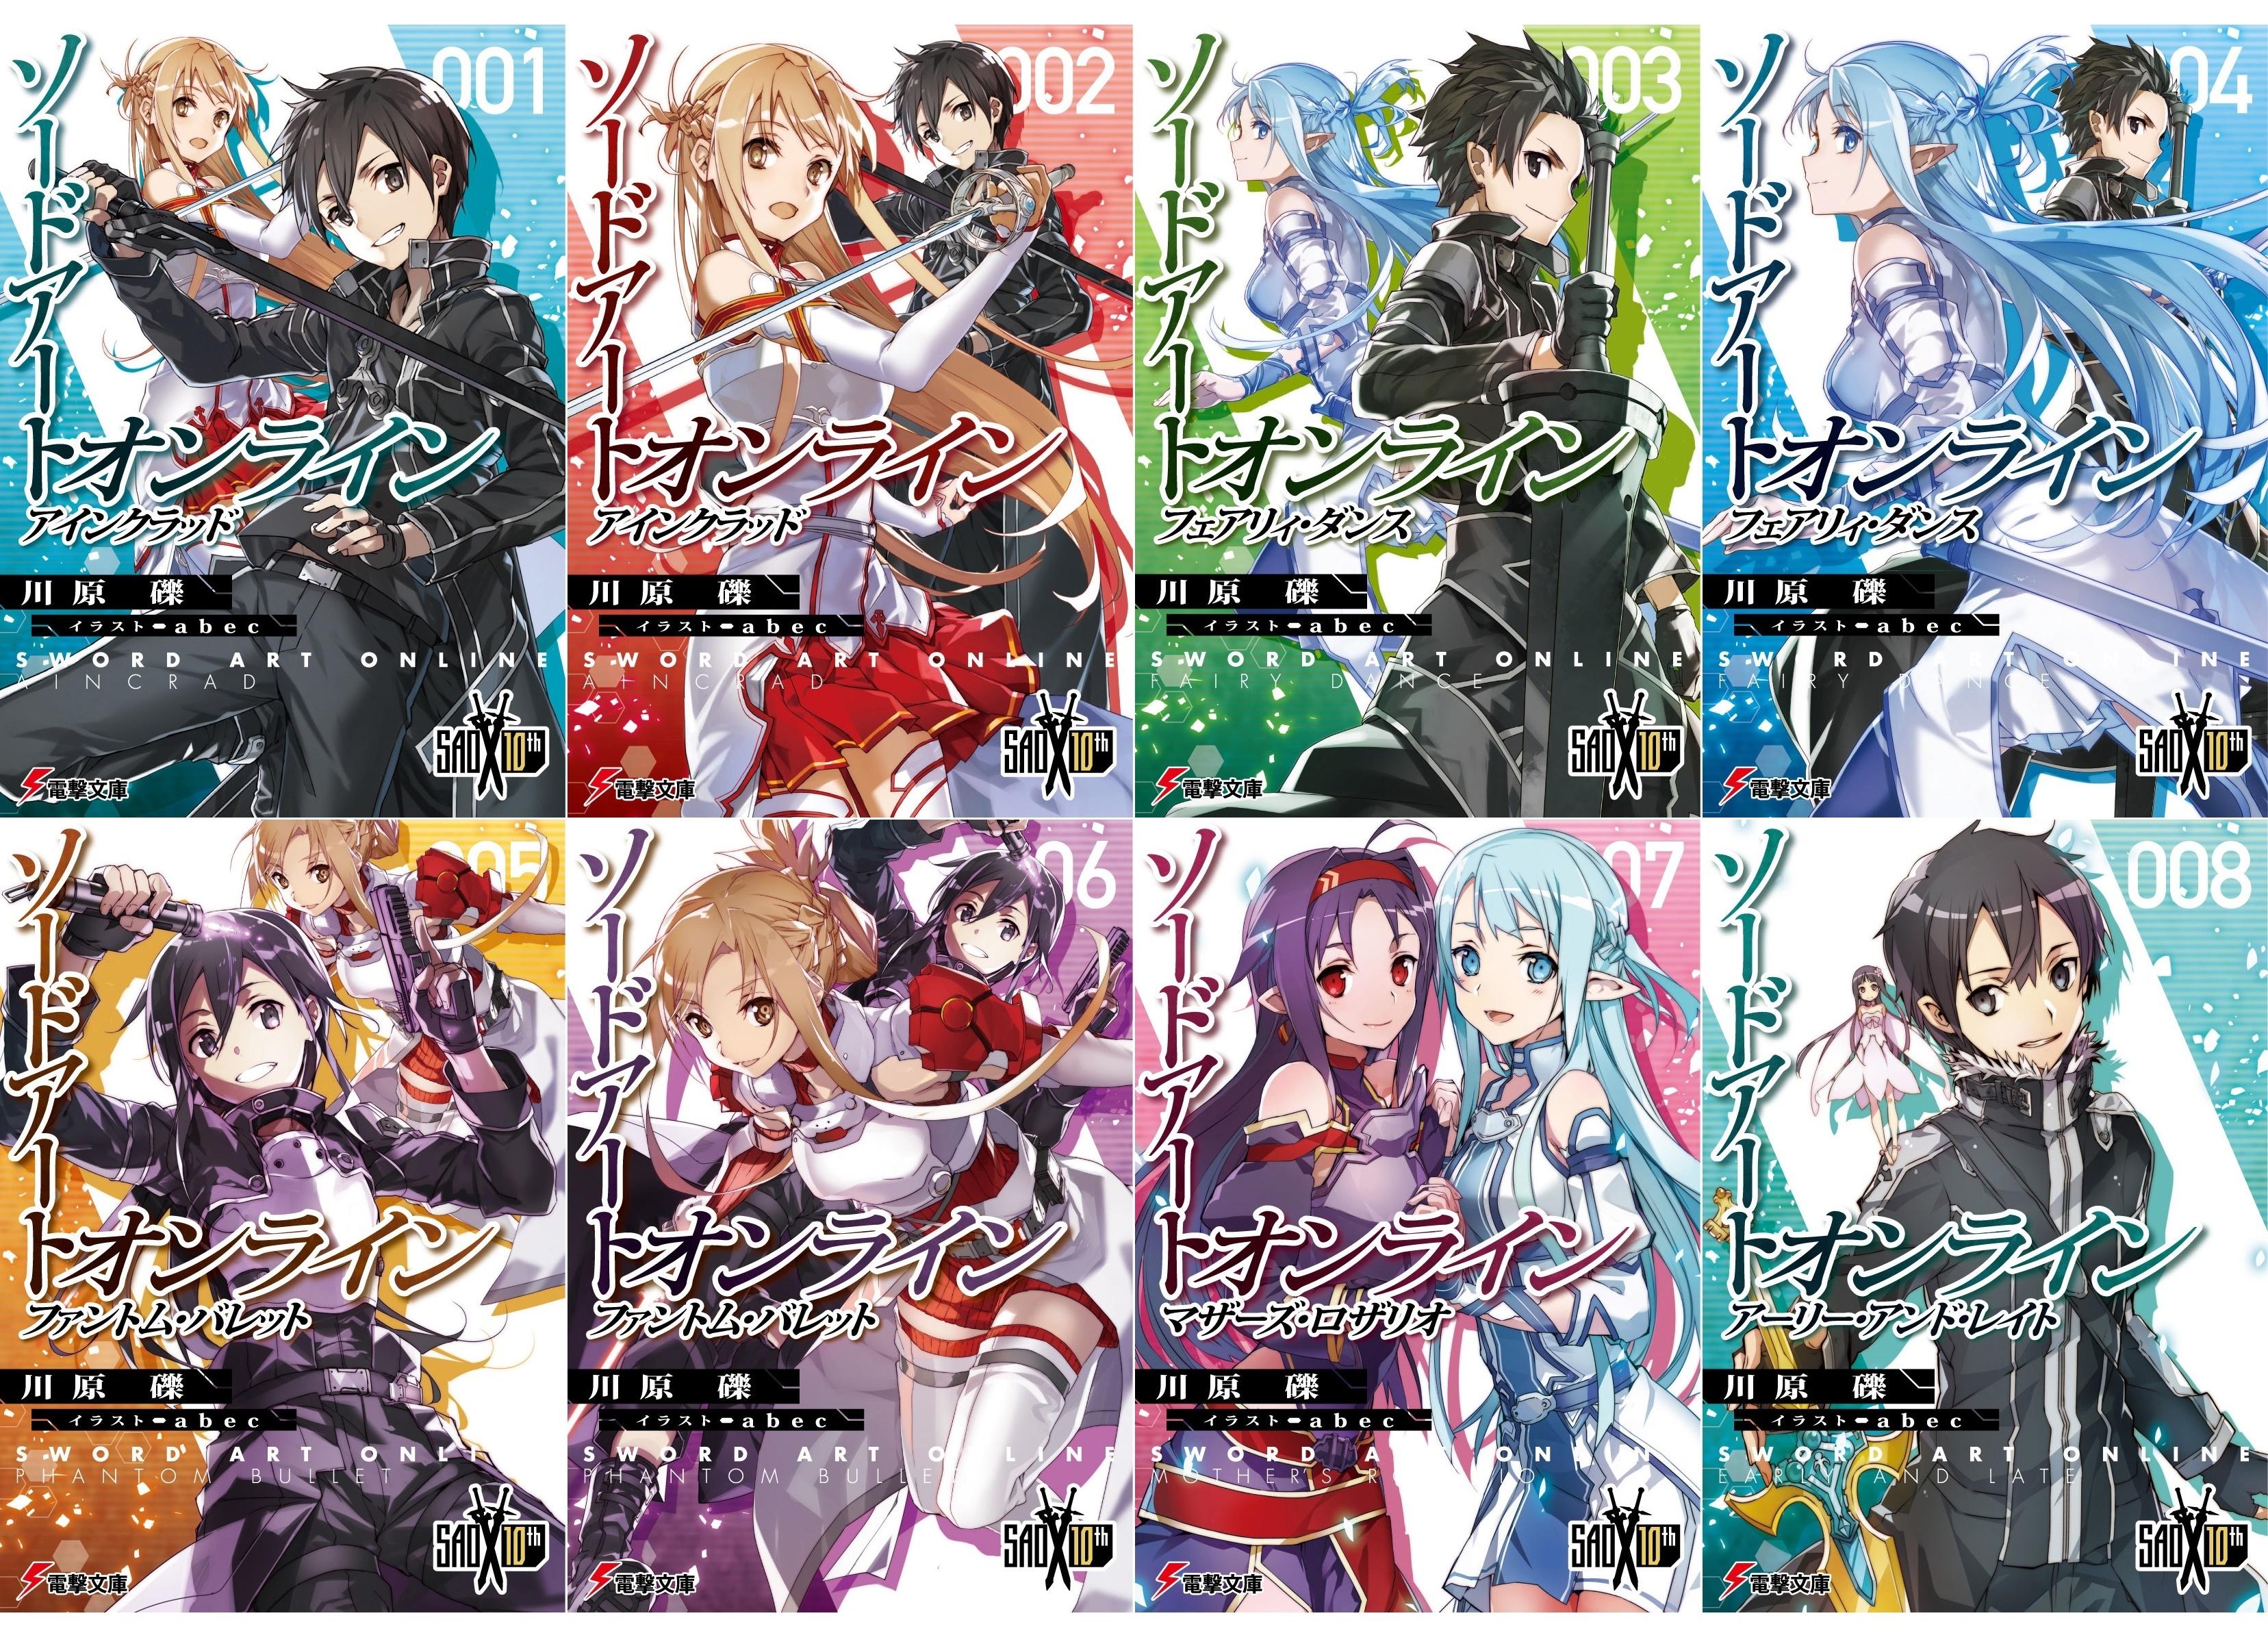 電撃文庫 Sao 期間限定カバー付きで発売 短編小説集も アニメイト